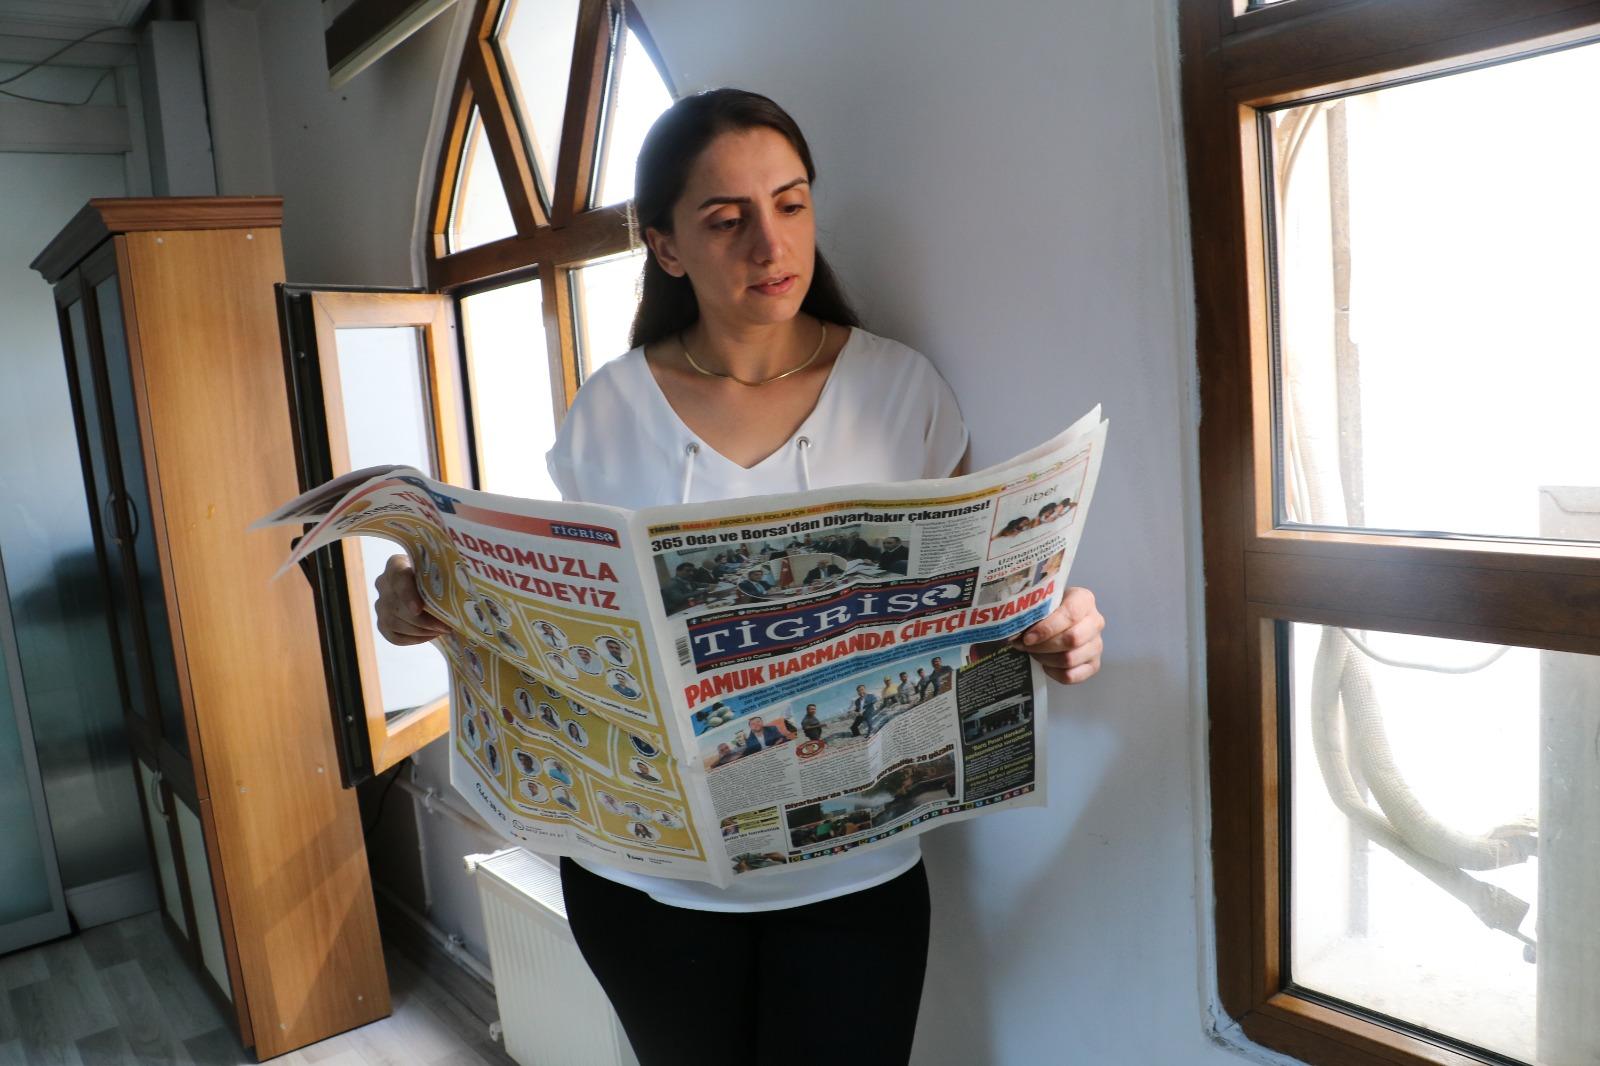 esbaskanlar-gazete-(3)4.jpeg